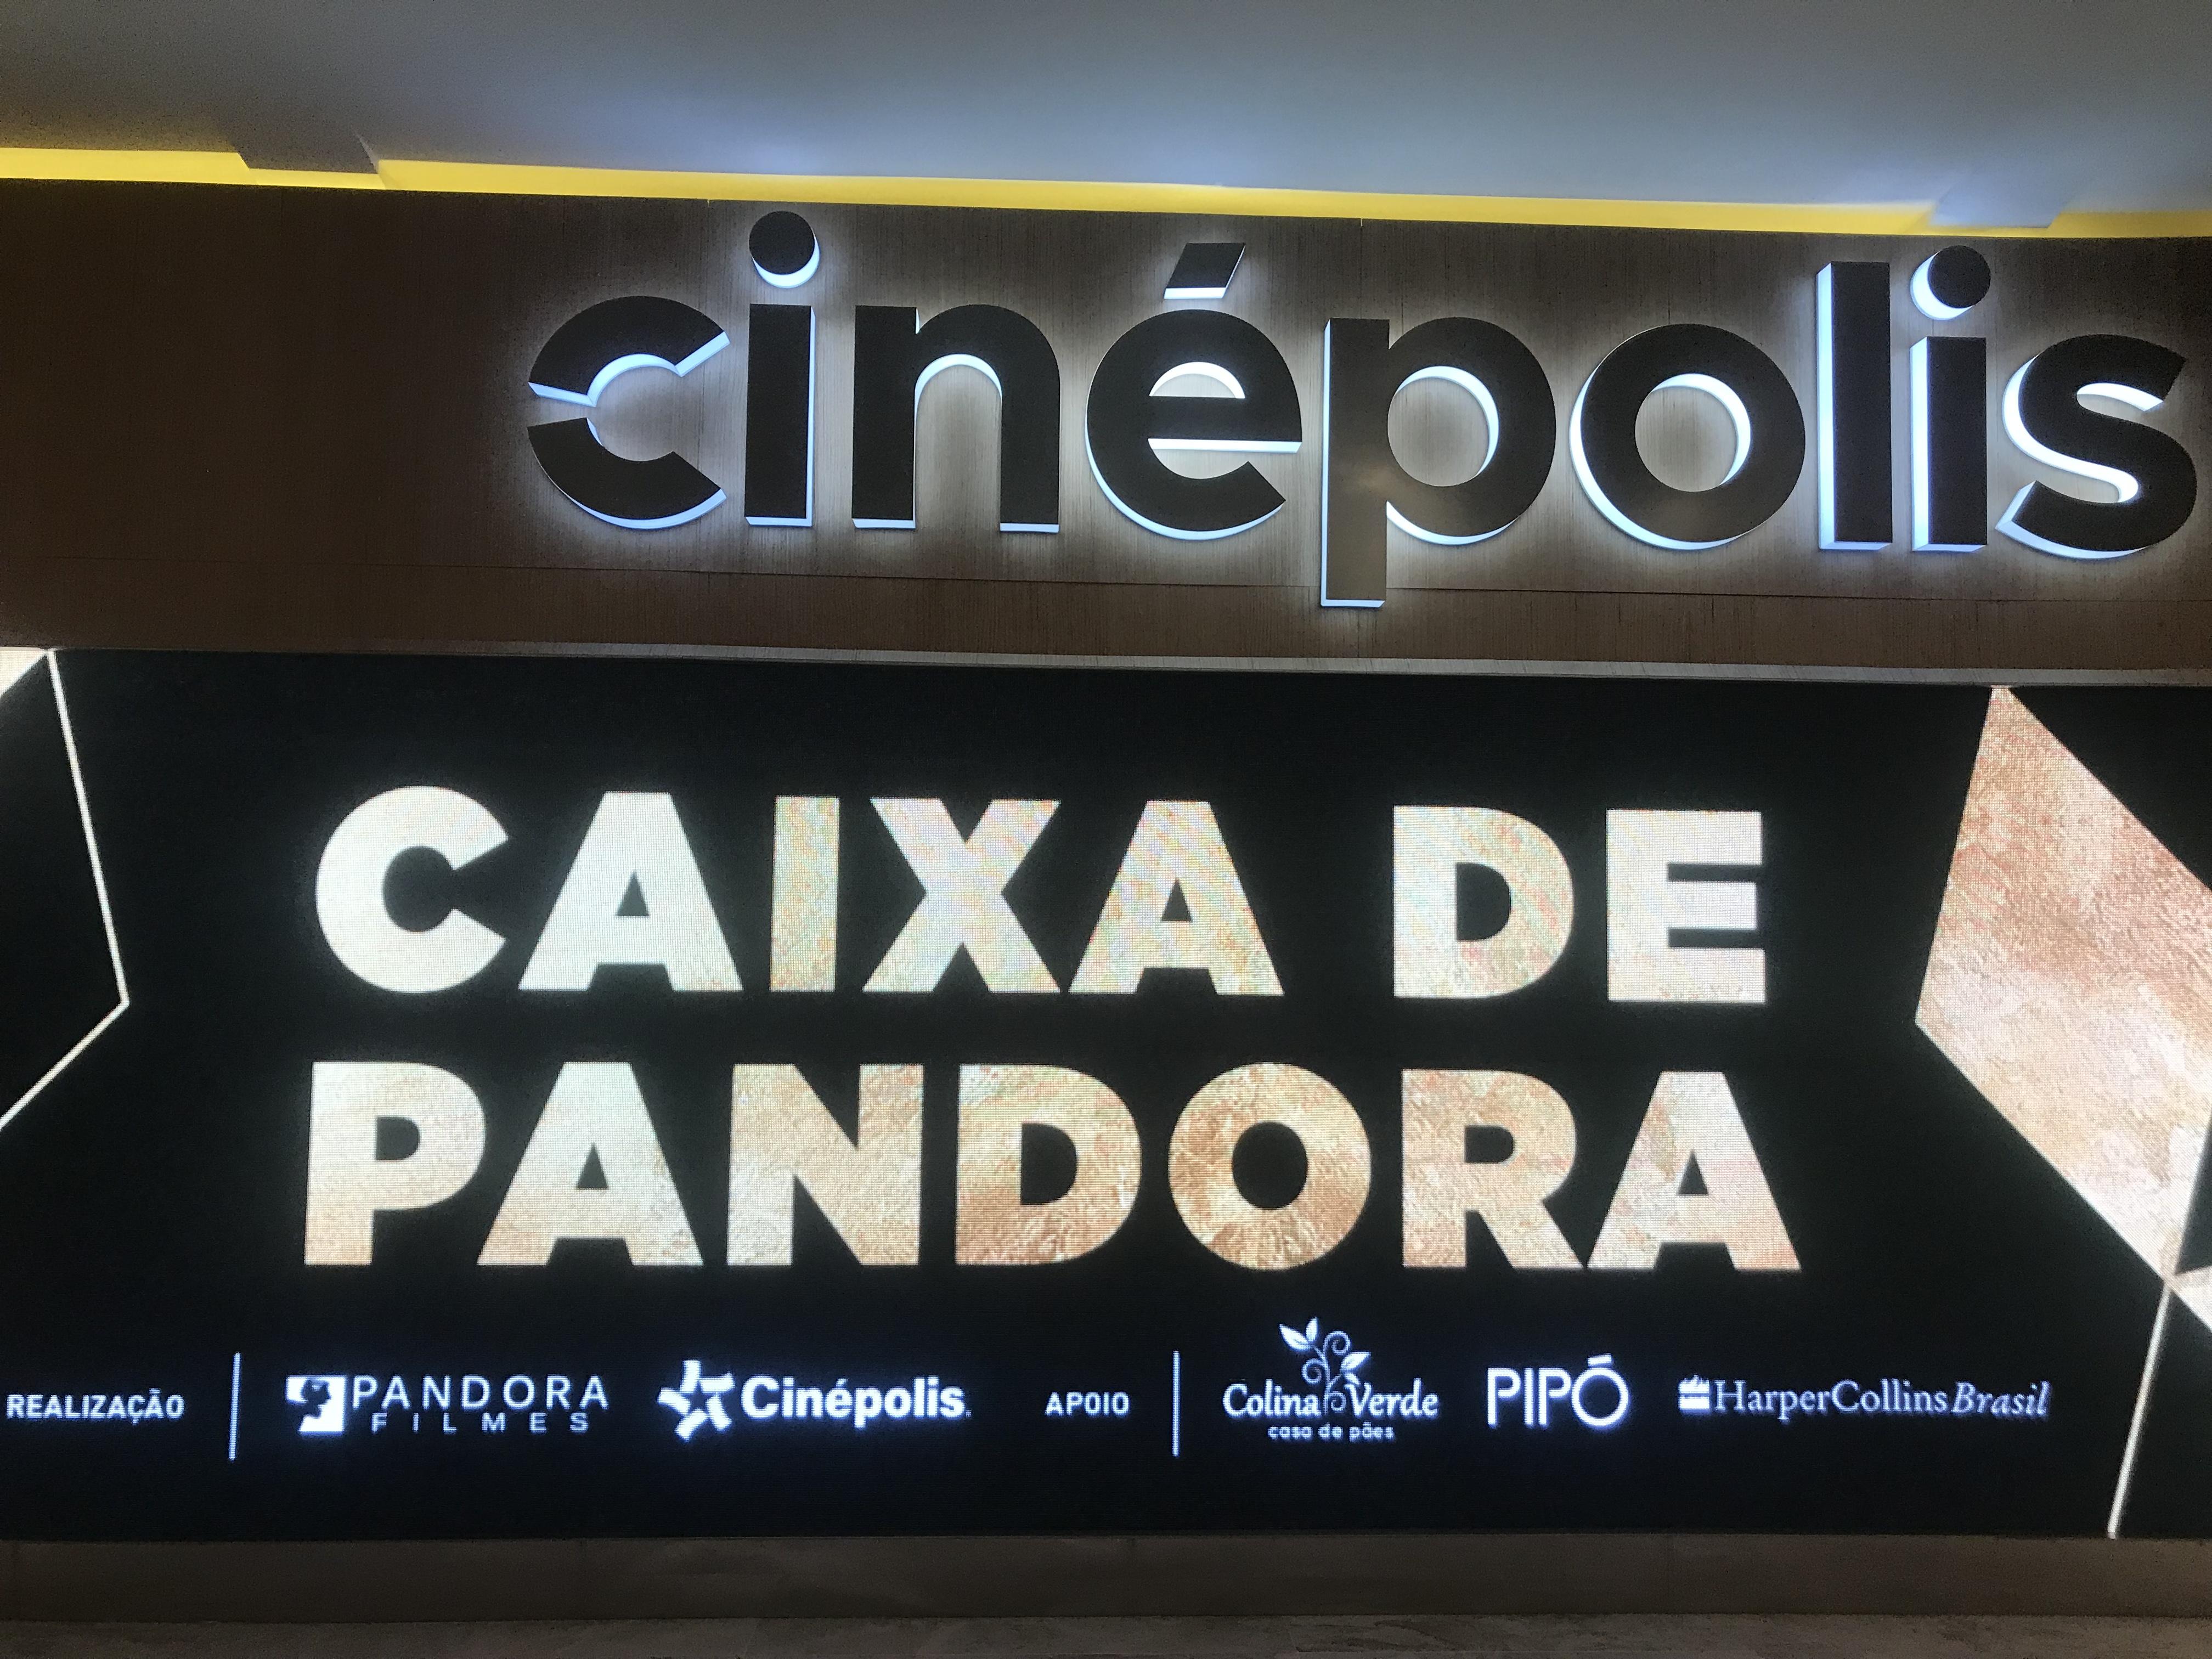 Caixa de Pandora | Cinépolis e Pandora Filmes abrem espaço para produções independentes